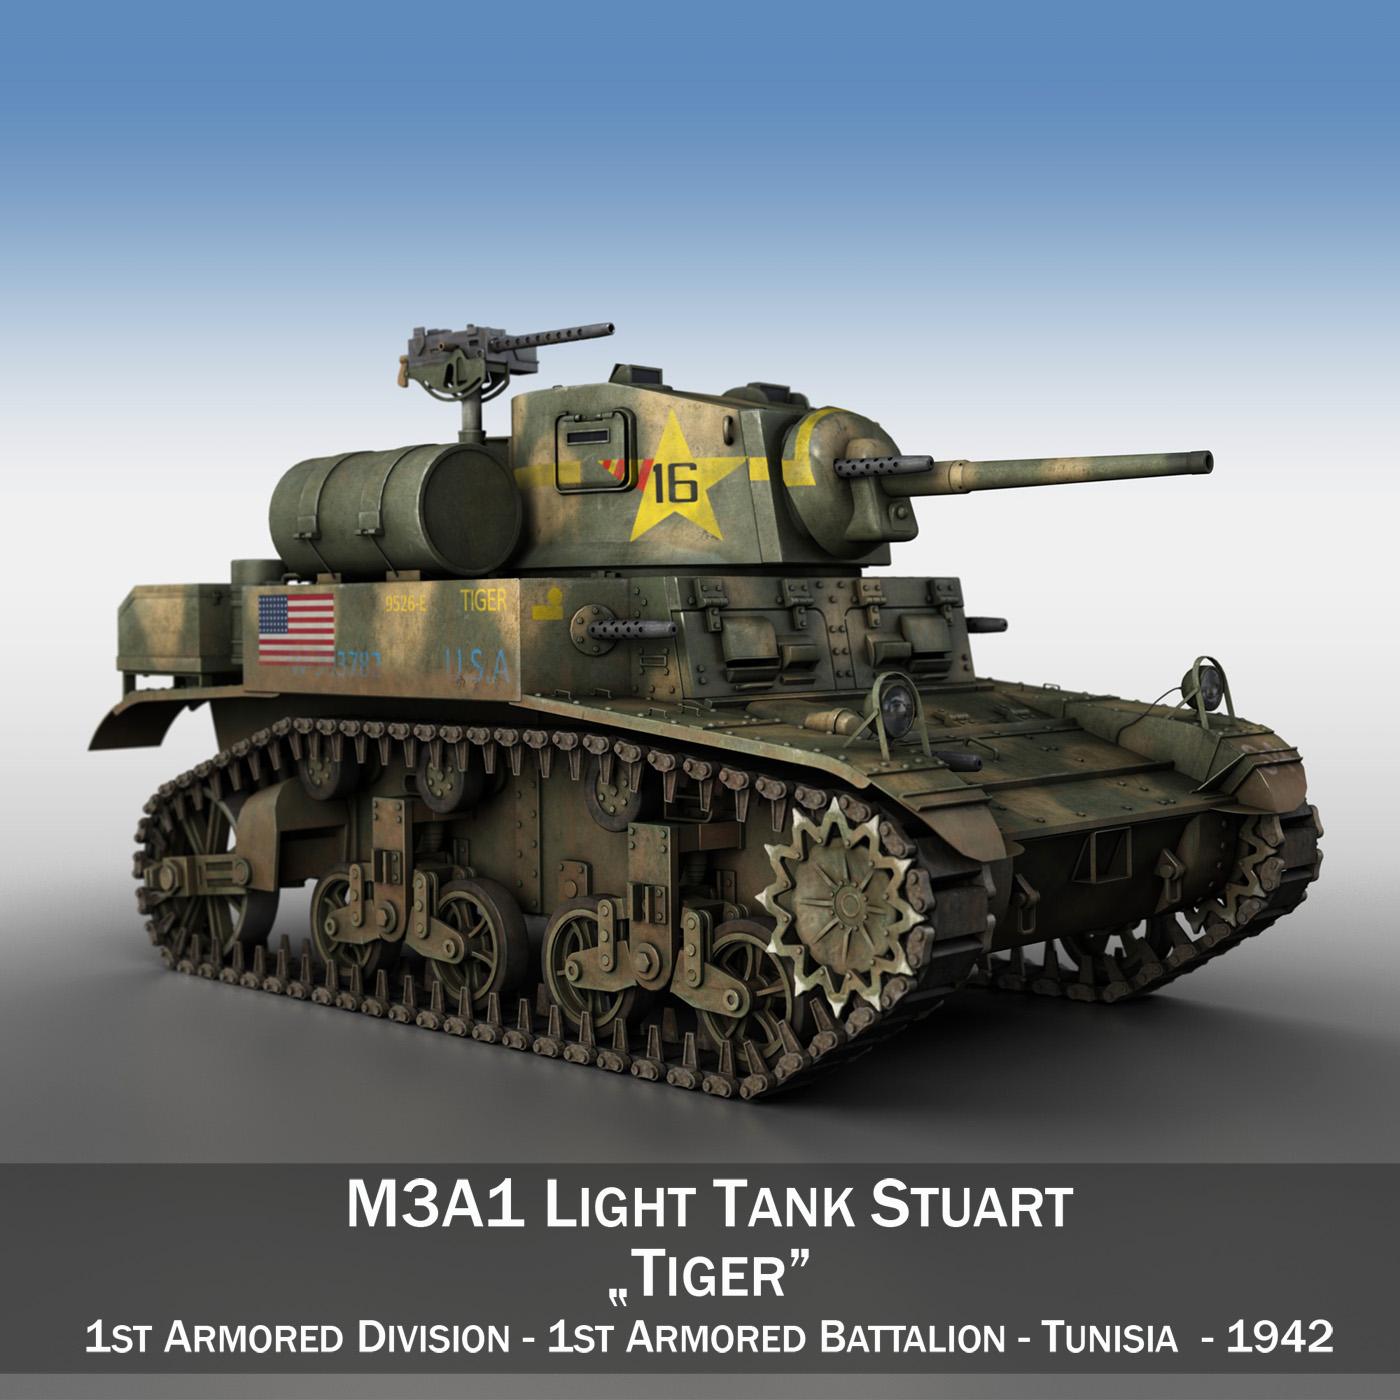 m3a1 light tank stuart – tiger 3d model 3ds c4d fbx lwo lw lws obj 265633